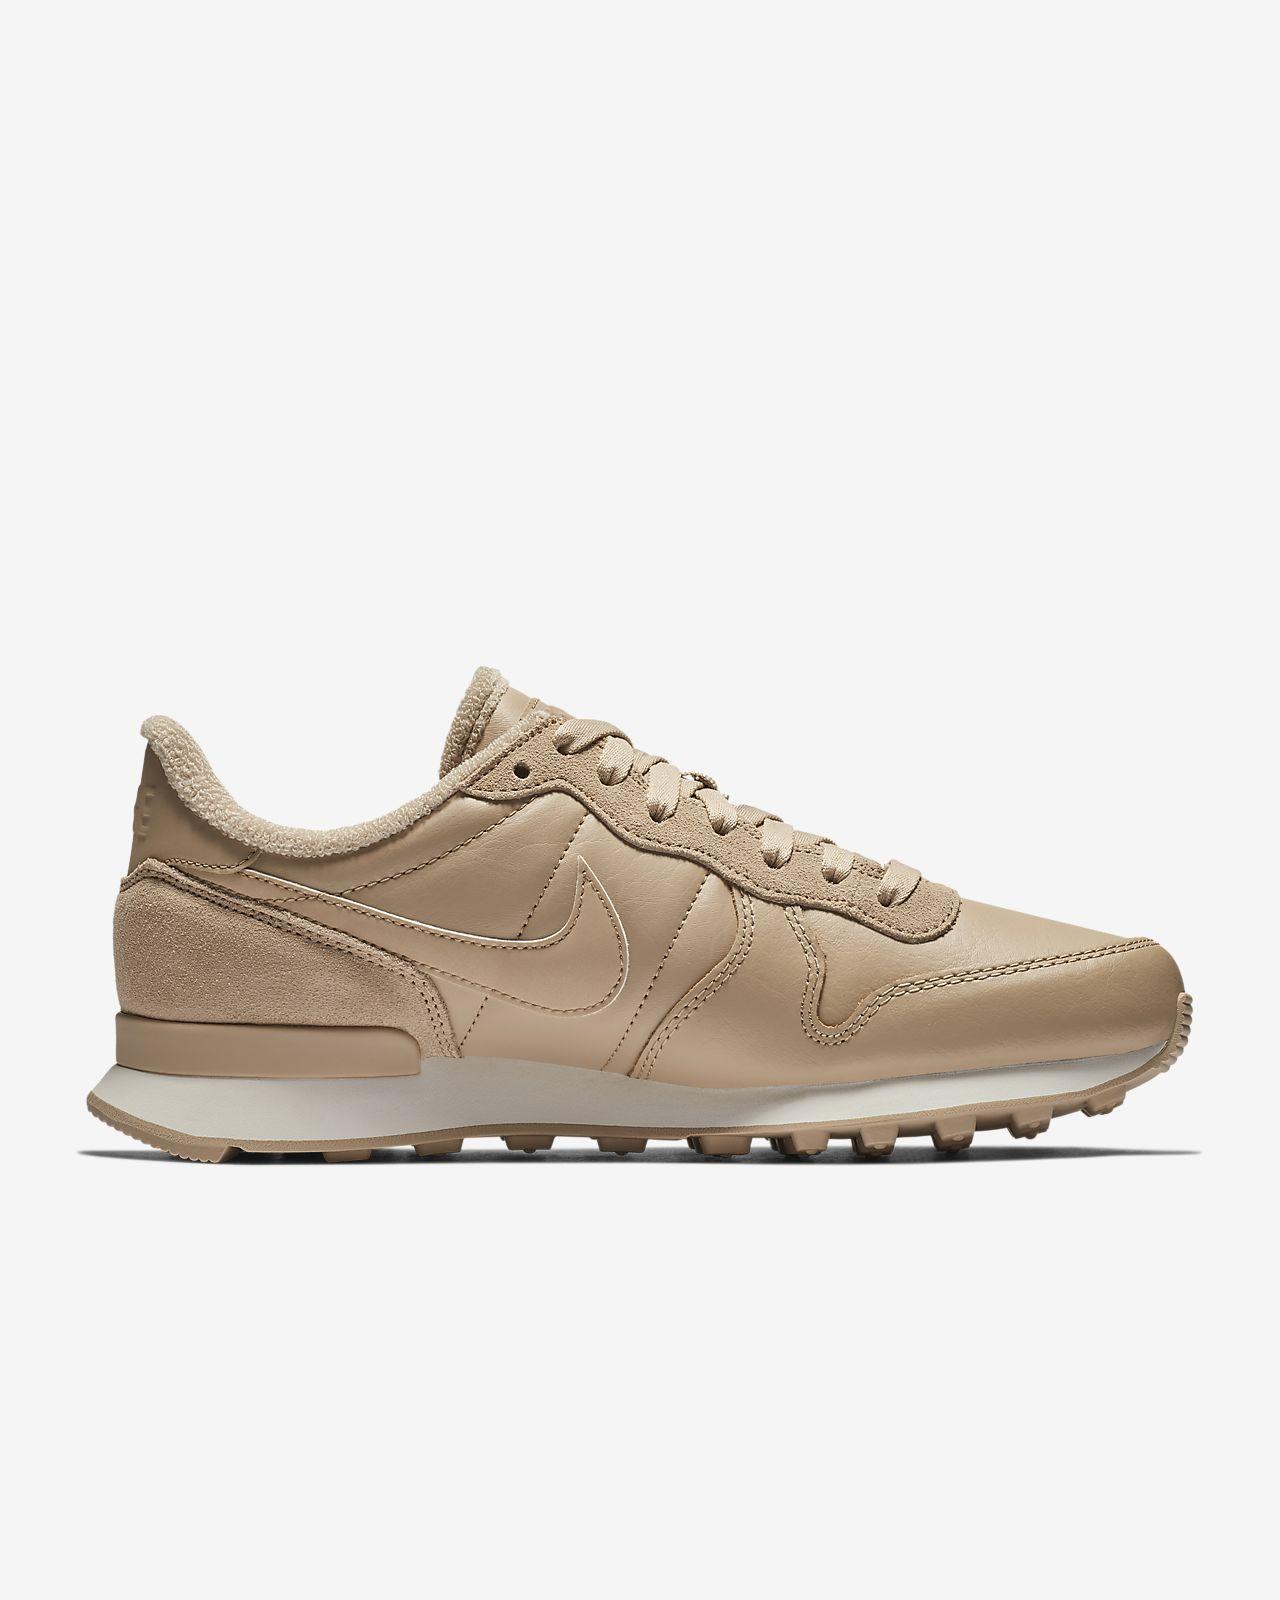 buy online afb43 9e958 Low Resolution Nike Internationalist Winterized Womens Shoe Nike  Internationalist Winterized Womens Shoe